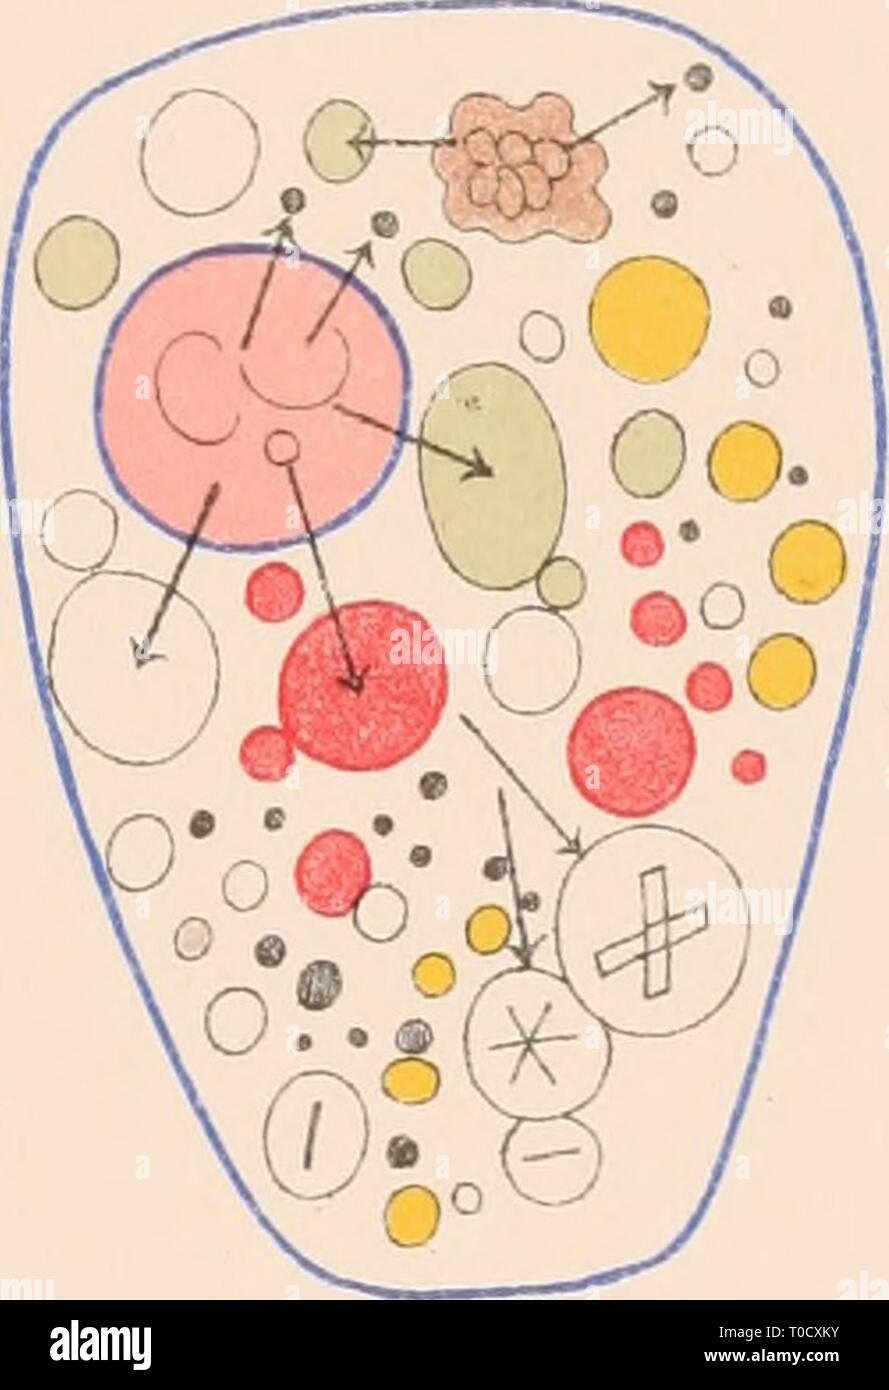 Dr HG Bronn's Klassen und Dr. H.G. Bronn's Klassen und Ordnungen des Thier-Reichs : wissenschaftlich dargestellt in Wort und Bild drhgbronnsklasse040102bron Year: 1912  D t) oO a Do 0^ <7 ^ ^ o- o 0 i^ : .0® o â ° n o °o Oo o    O *o:'-b#4y o o^- '5 clüi - Stock Image